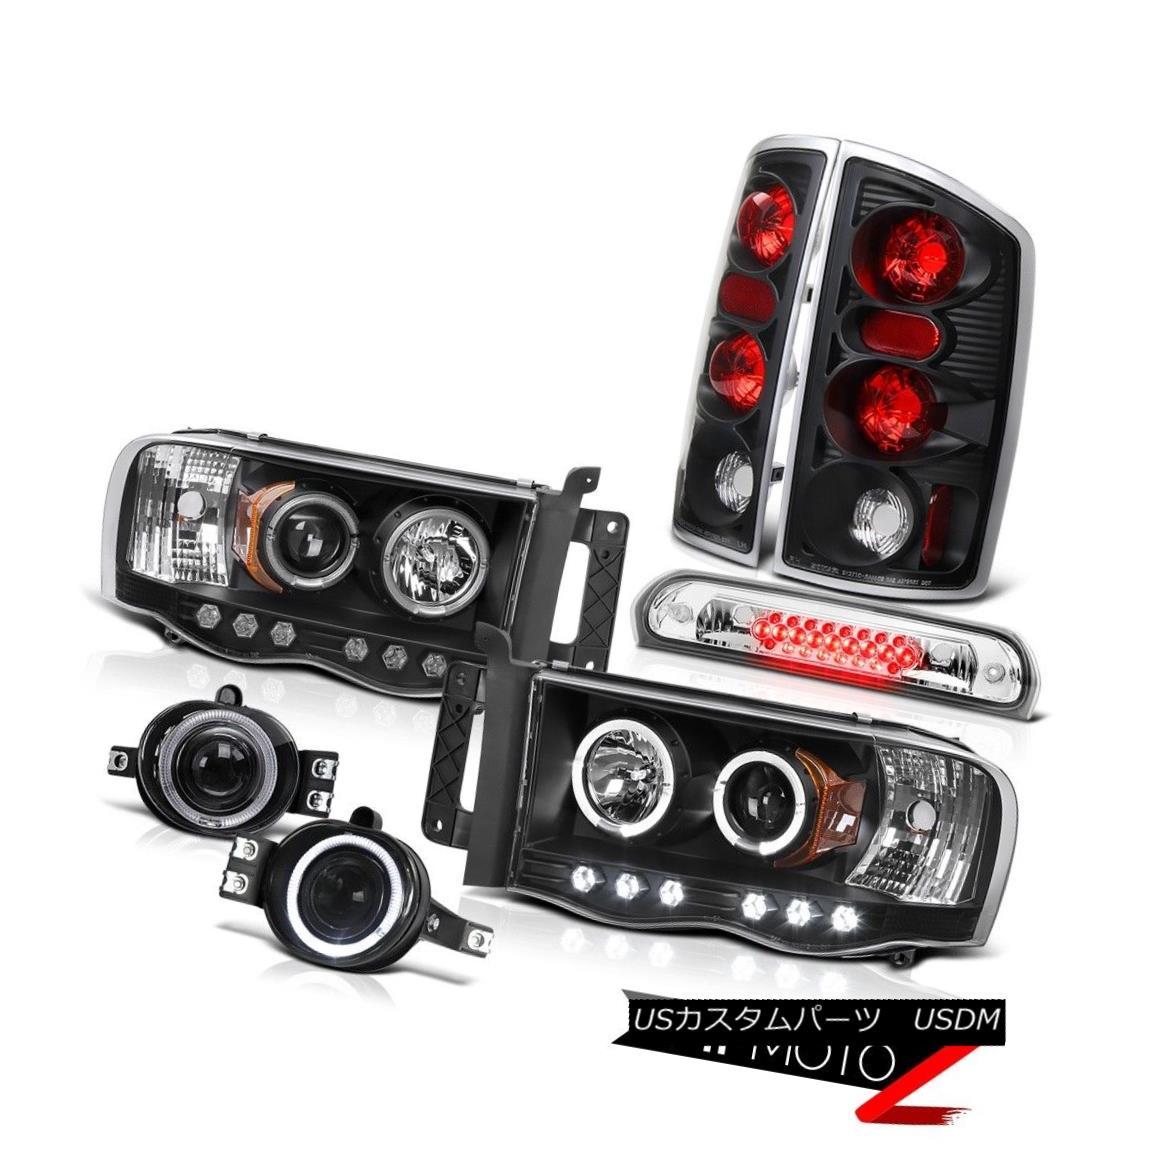 テールライト 2002-2005 Ram TurboDiesel Projector Headlights Rear Brake Lights Chrome Fog 3rd 2002-2005ラムターボディーゼルプロジェクターヘッドライトリアブレーキライトズChrome Fog 3rd